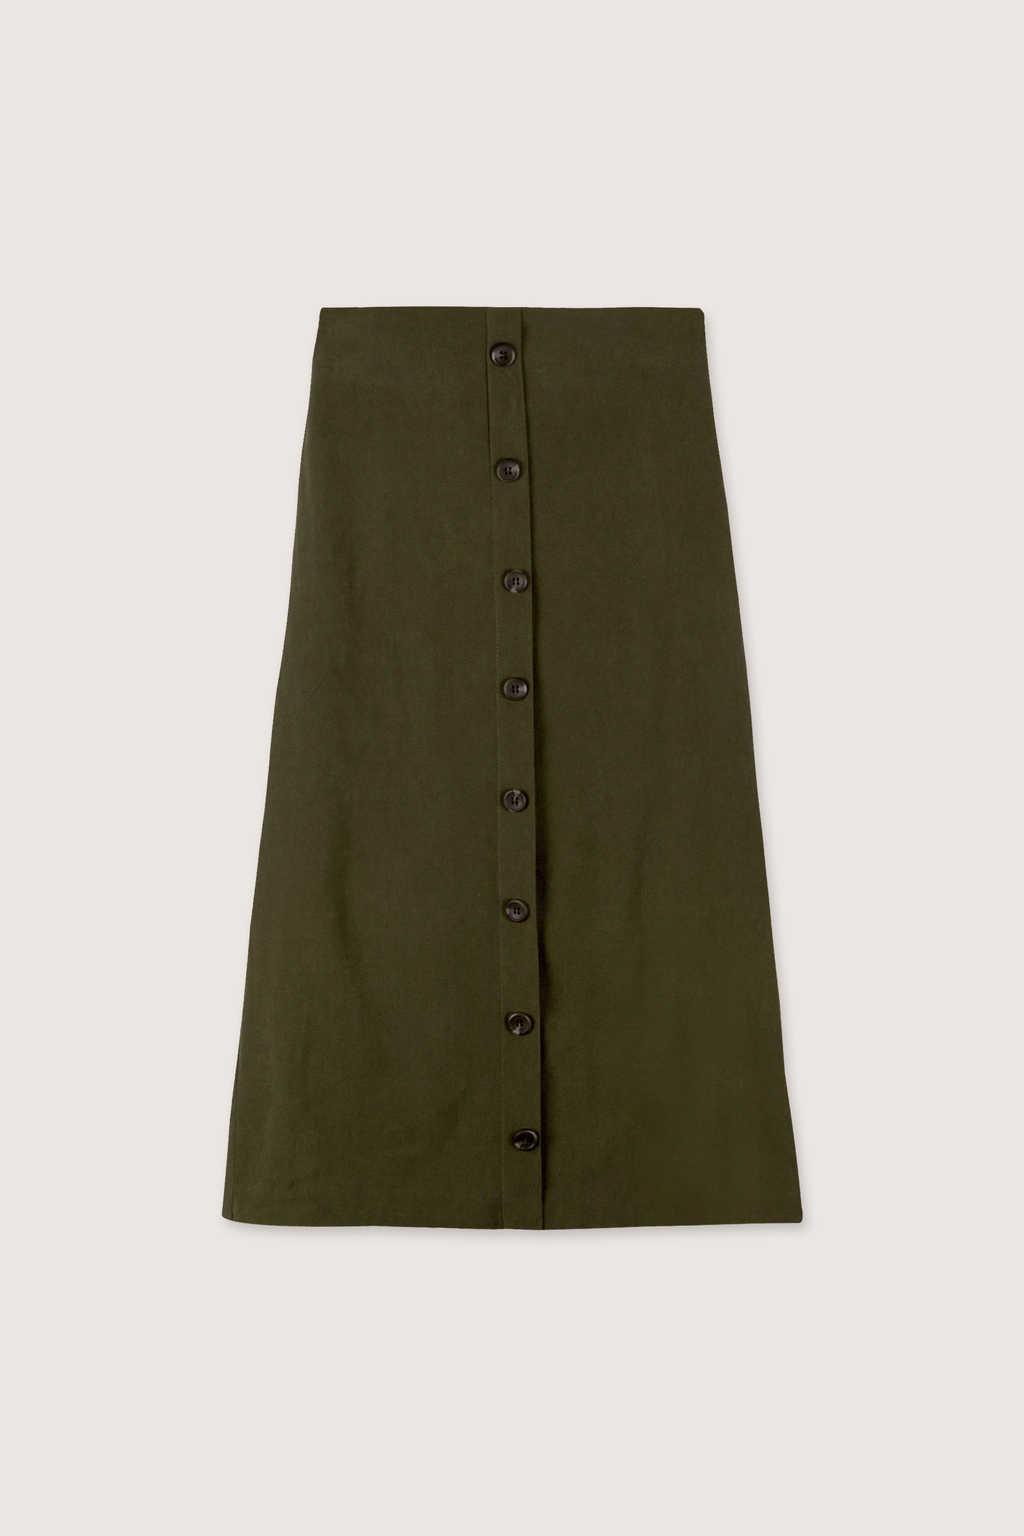 Skirt H112 Olive 5